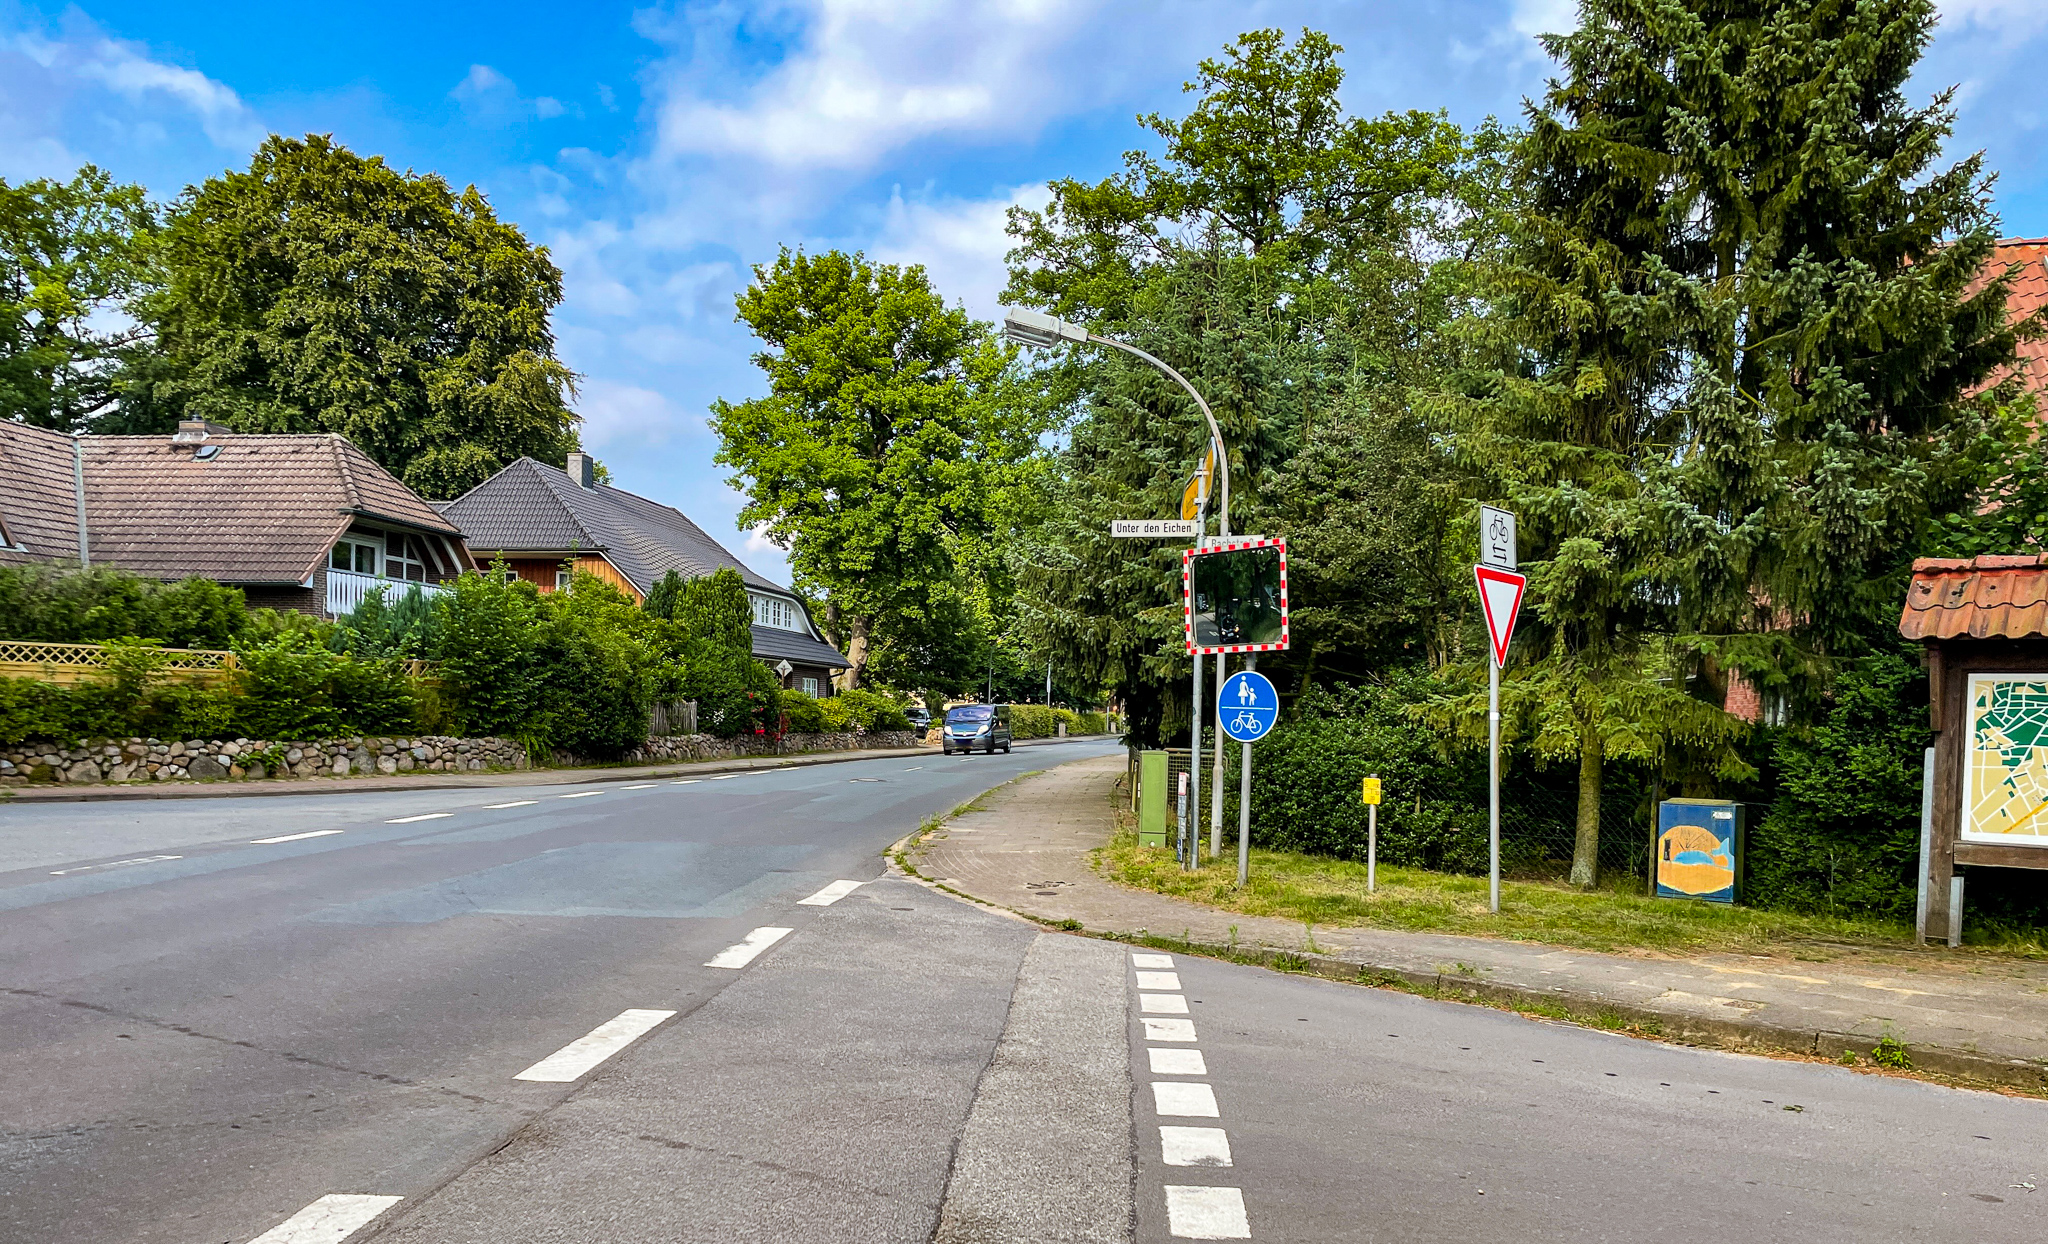 Kakenstorf: Wir wollen freie Fahrt auch ohne Auto: Sichere Rad- und Fußwege, die uns verbinden